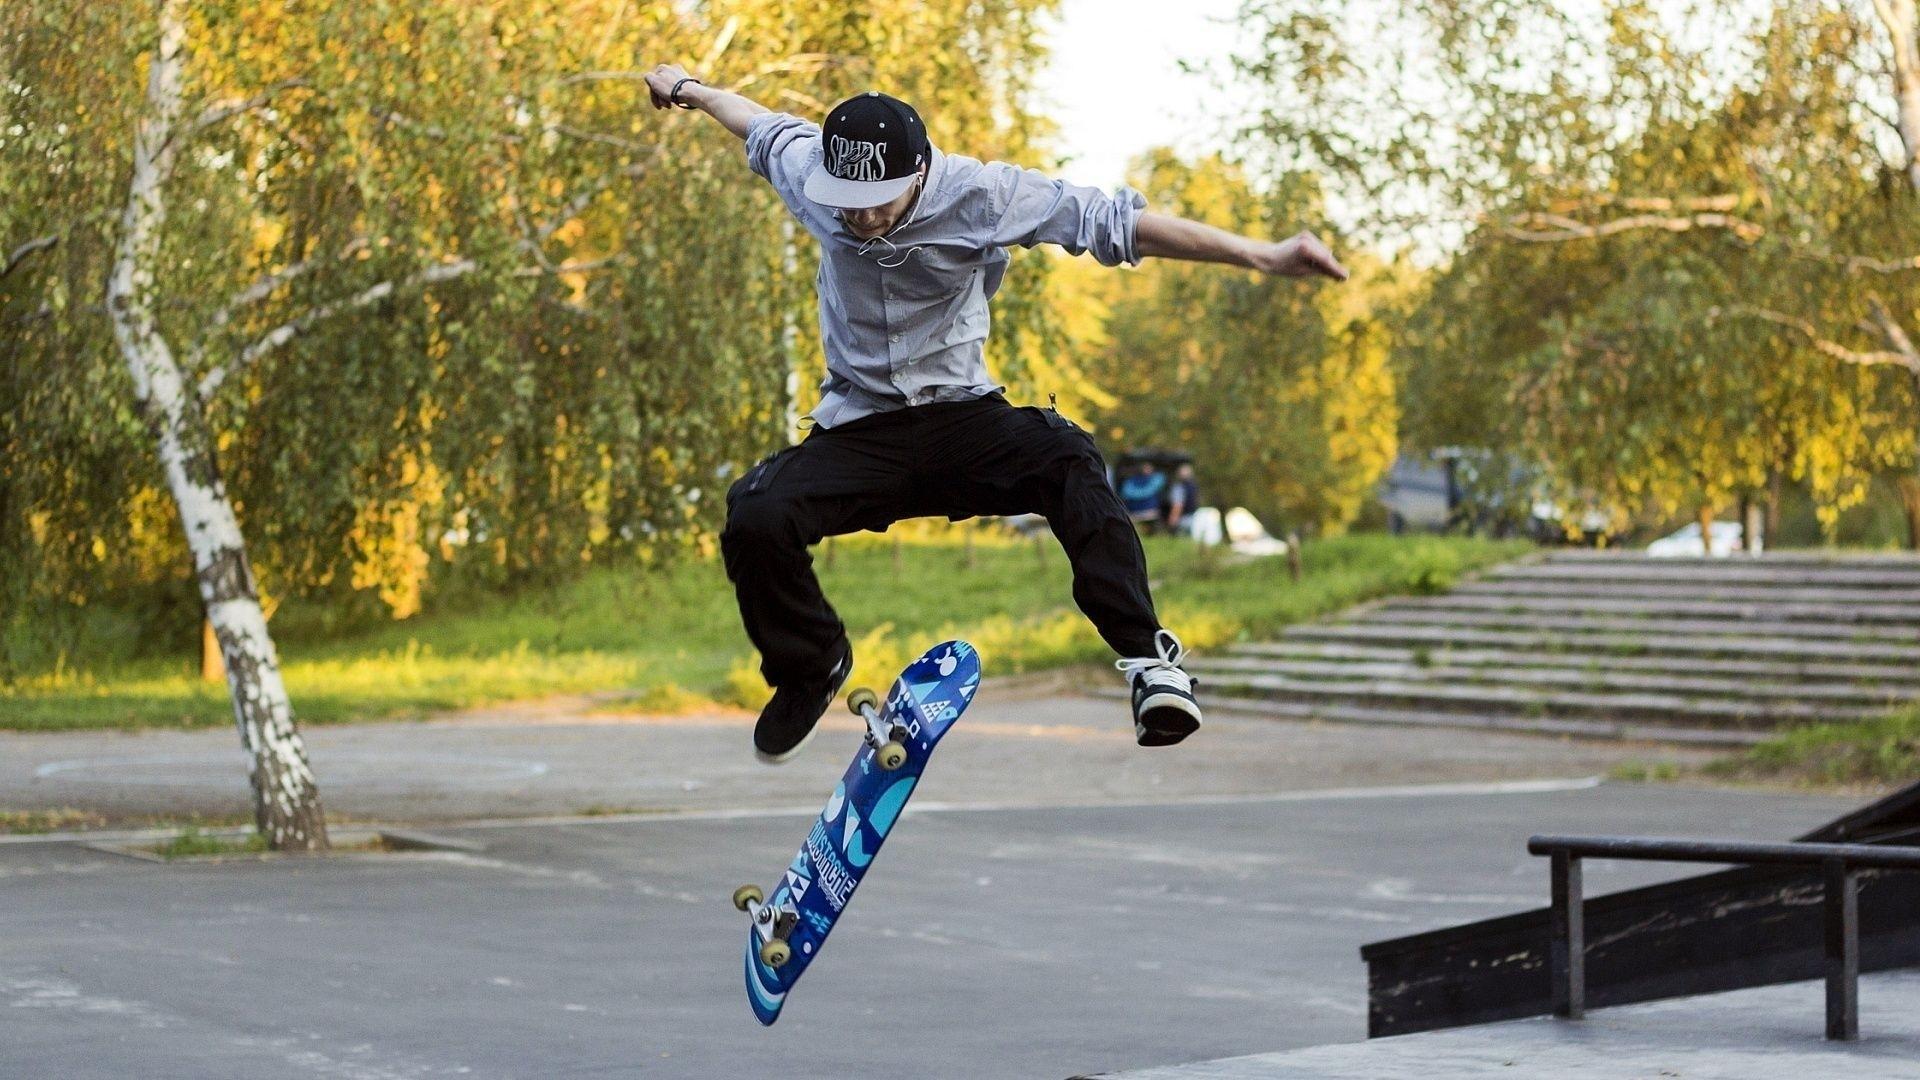 Skateboard Wallpaper Picture hd